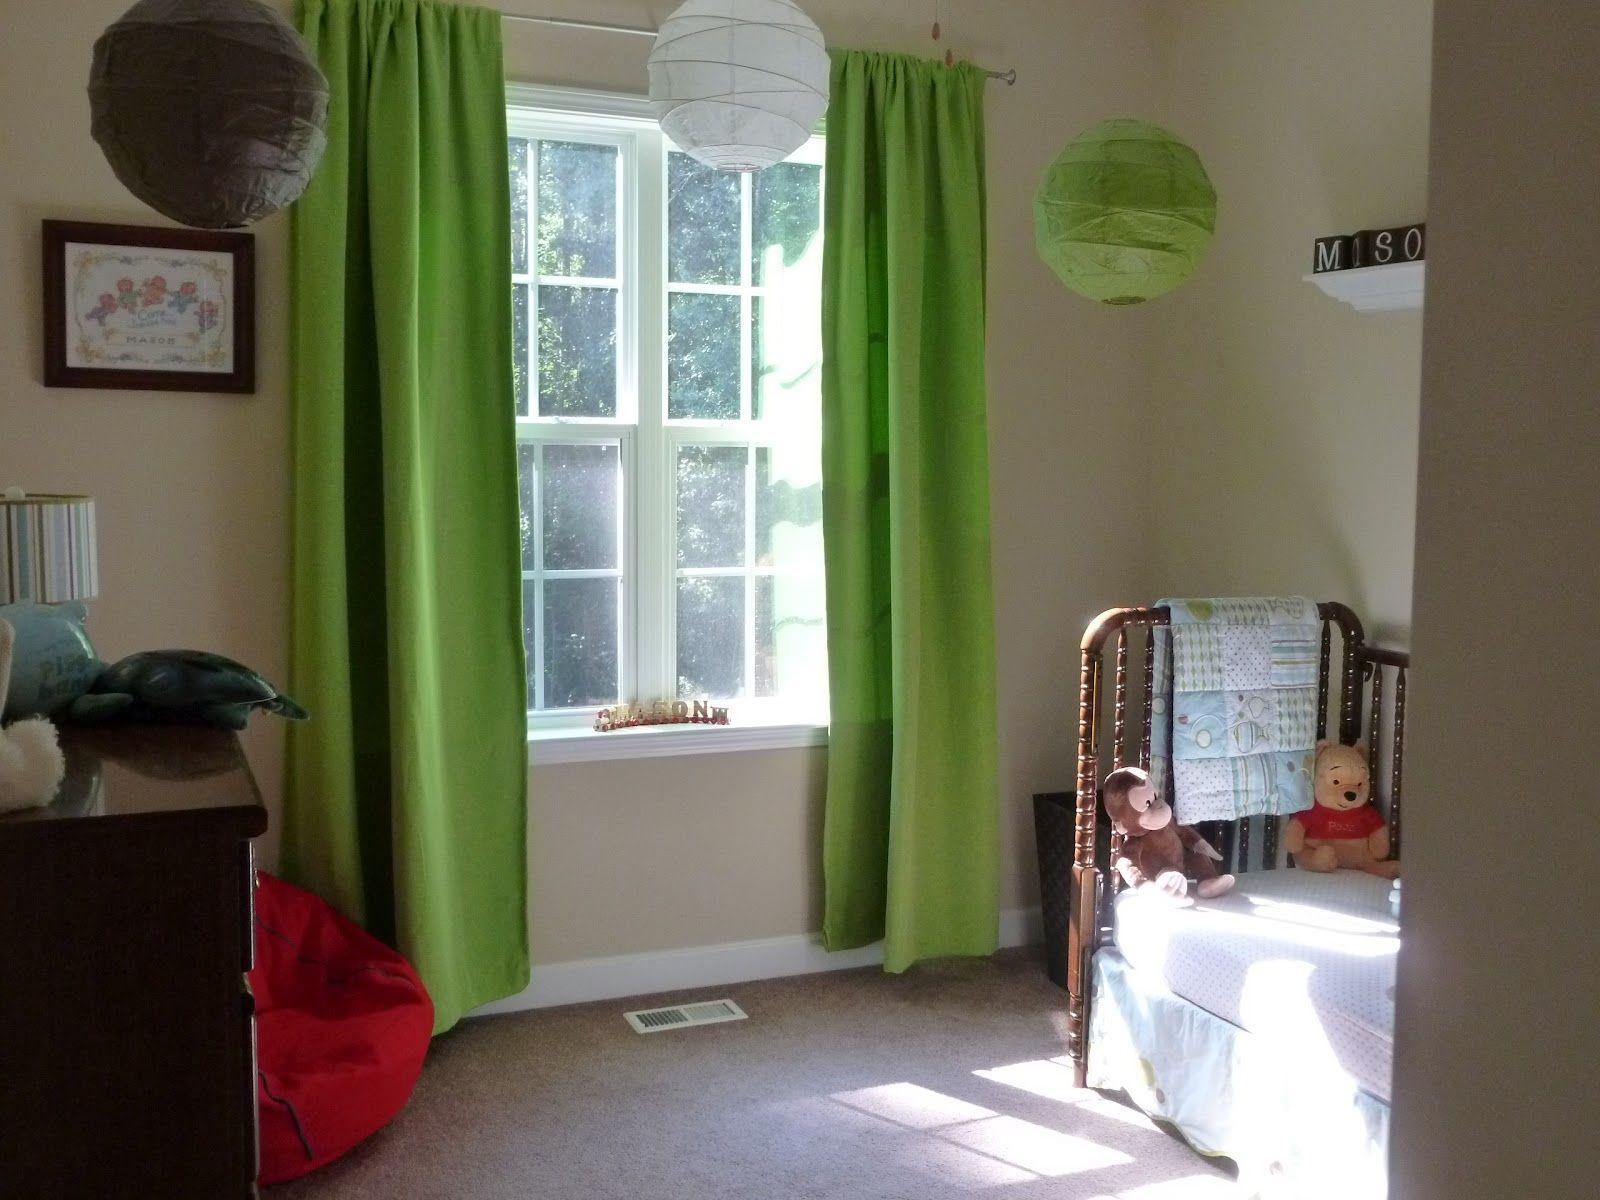 interiør-grøn-stof-vindue-gardiner-on-the-hook-and-farverige-lanterne-on-the-loft-forbundet-med-creme-væg-glædeligt-look-of-mester-værelses-vindue-treatments- forskønne-din-værelses